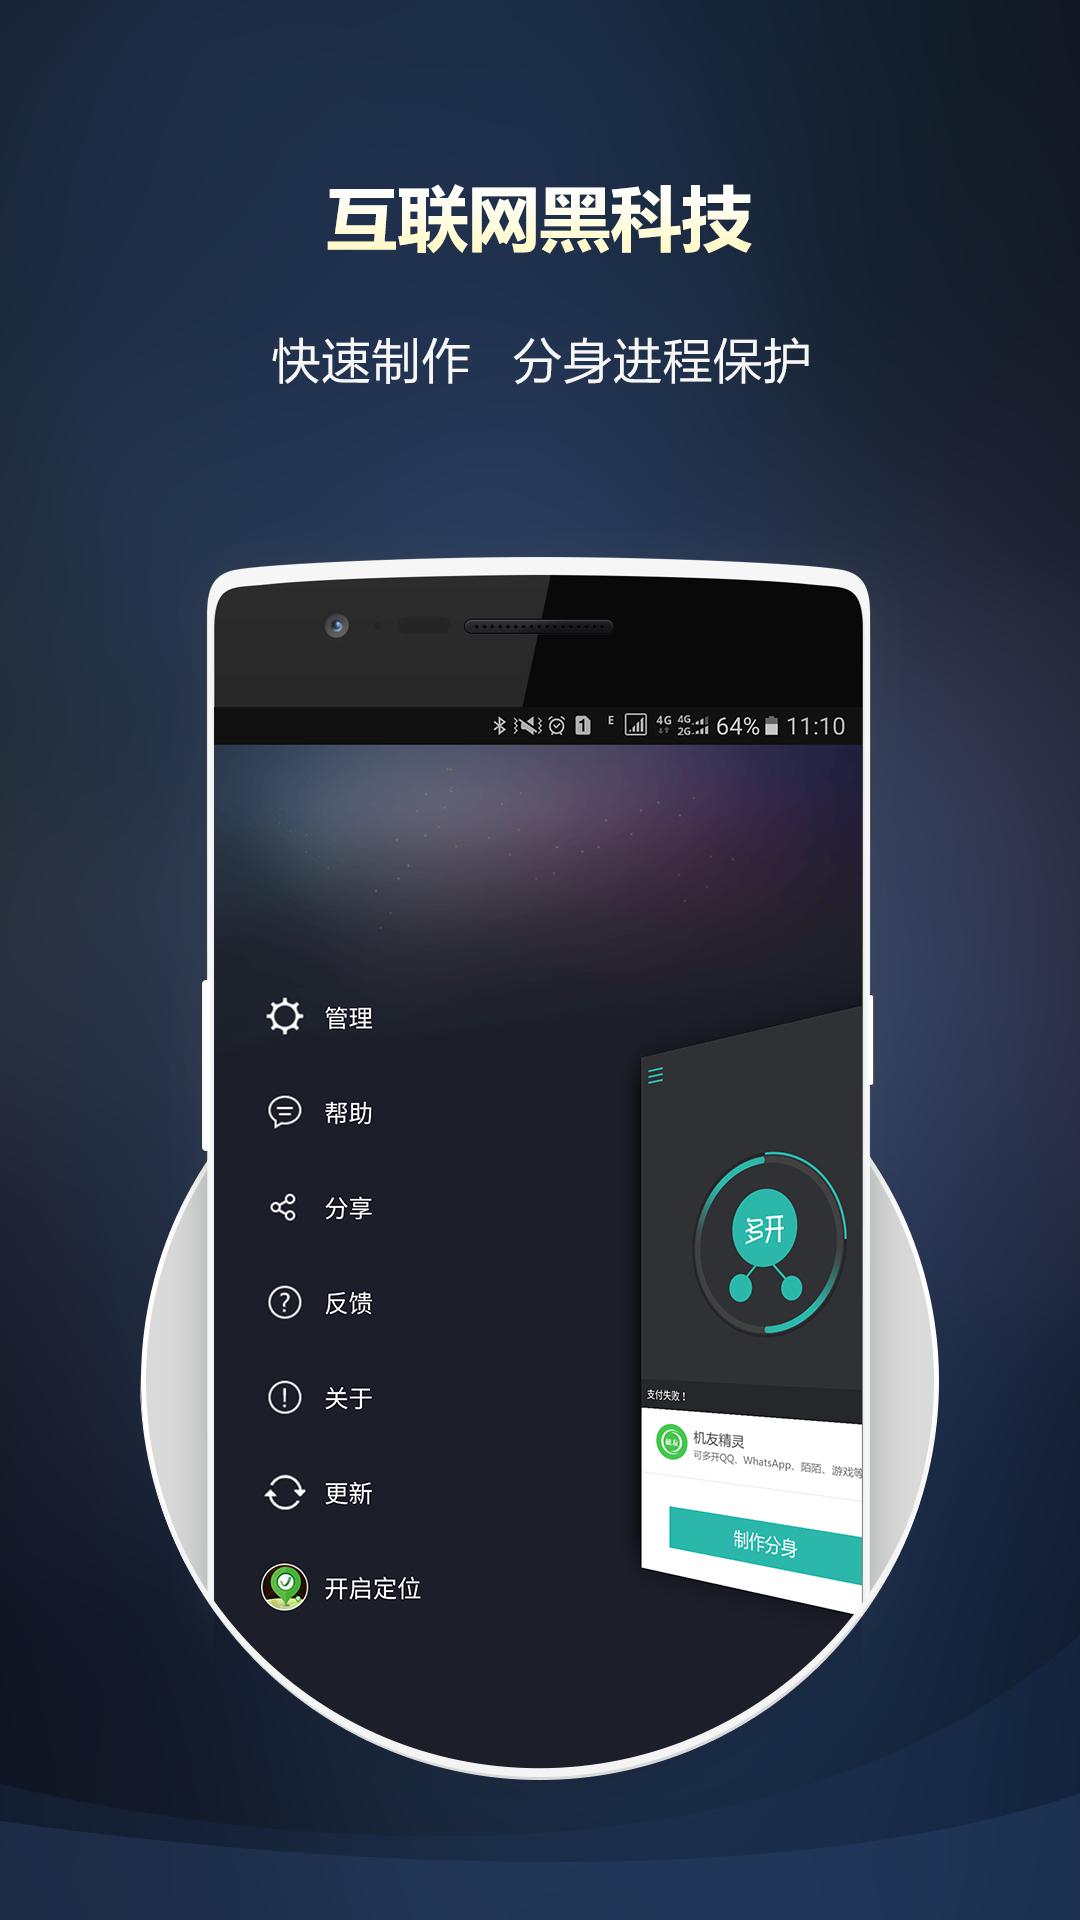 微信多开宝 V2.7.4 安卓版截图1